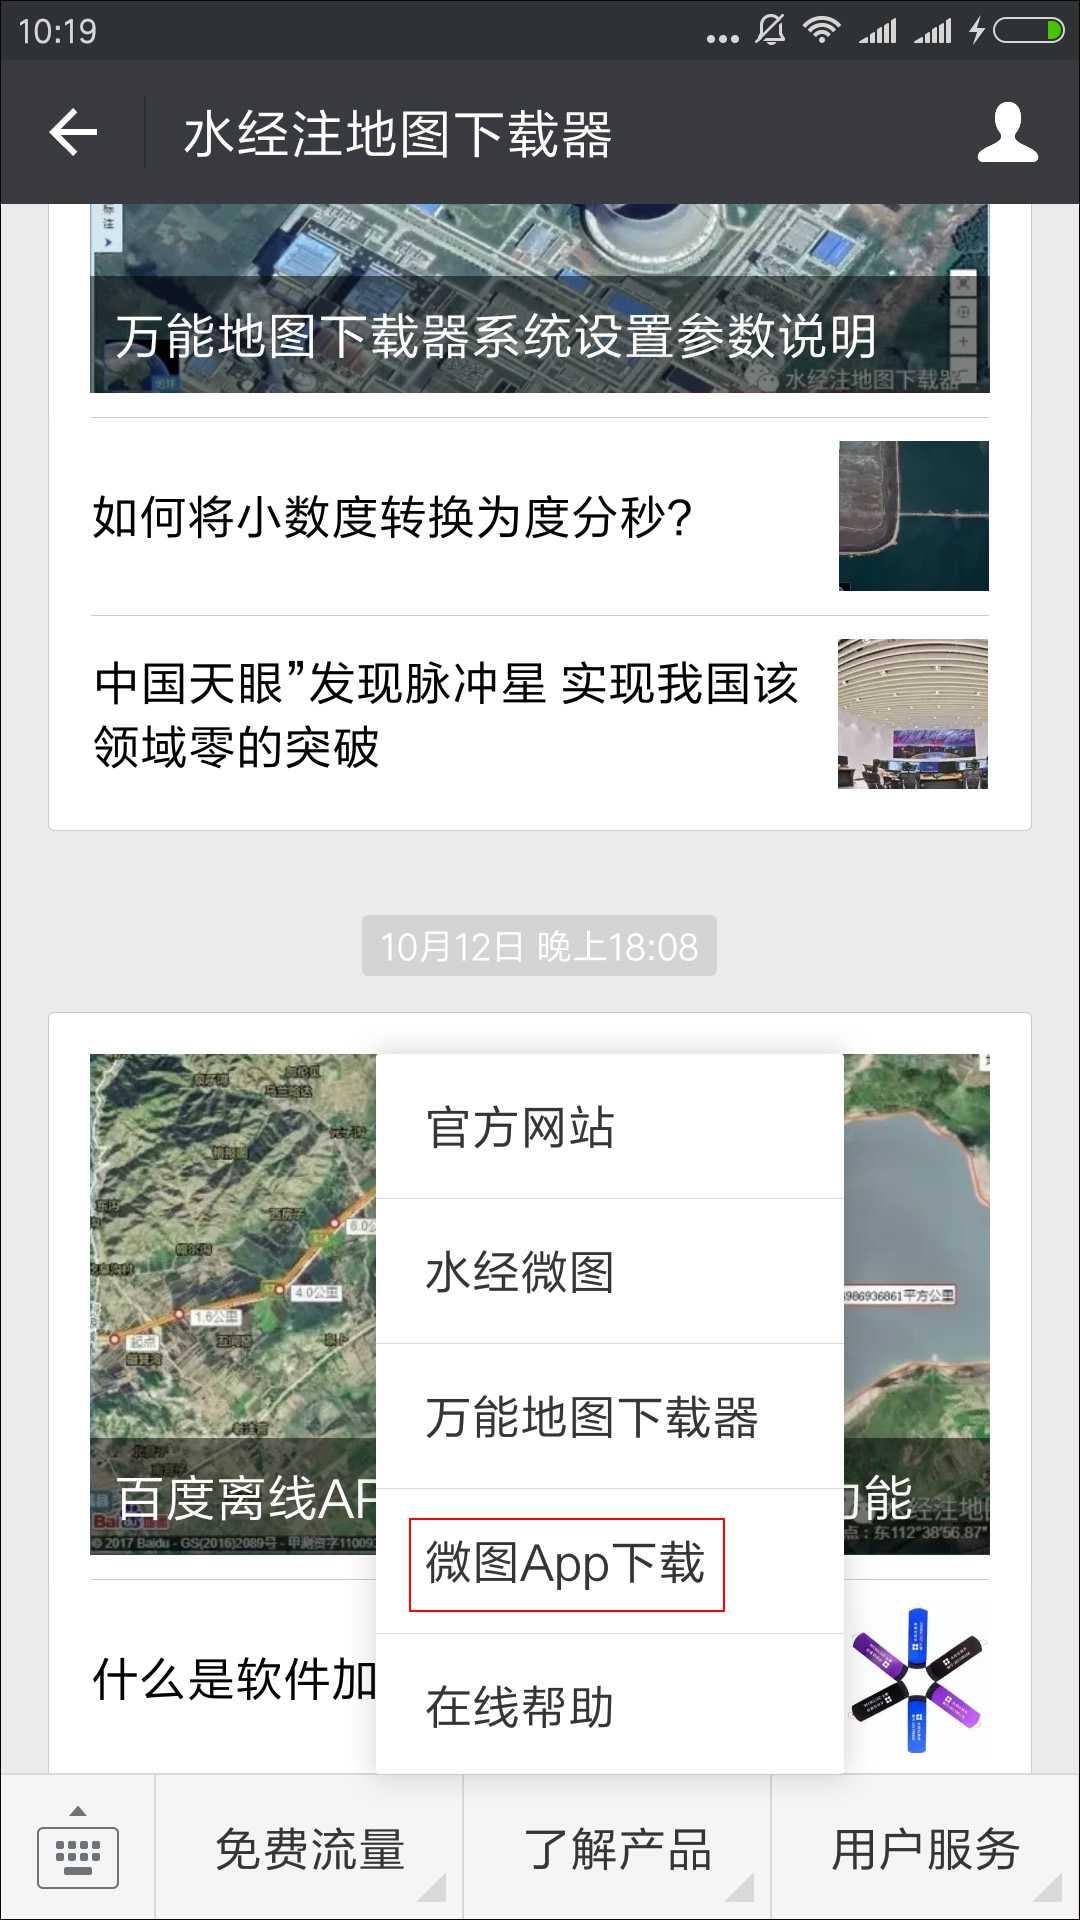 2微图App下载.jpg